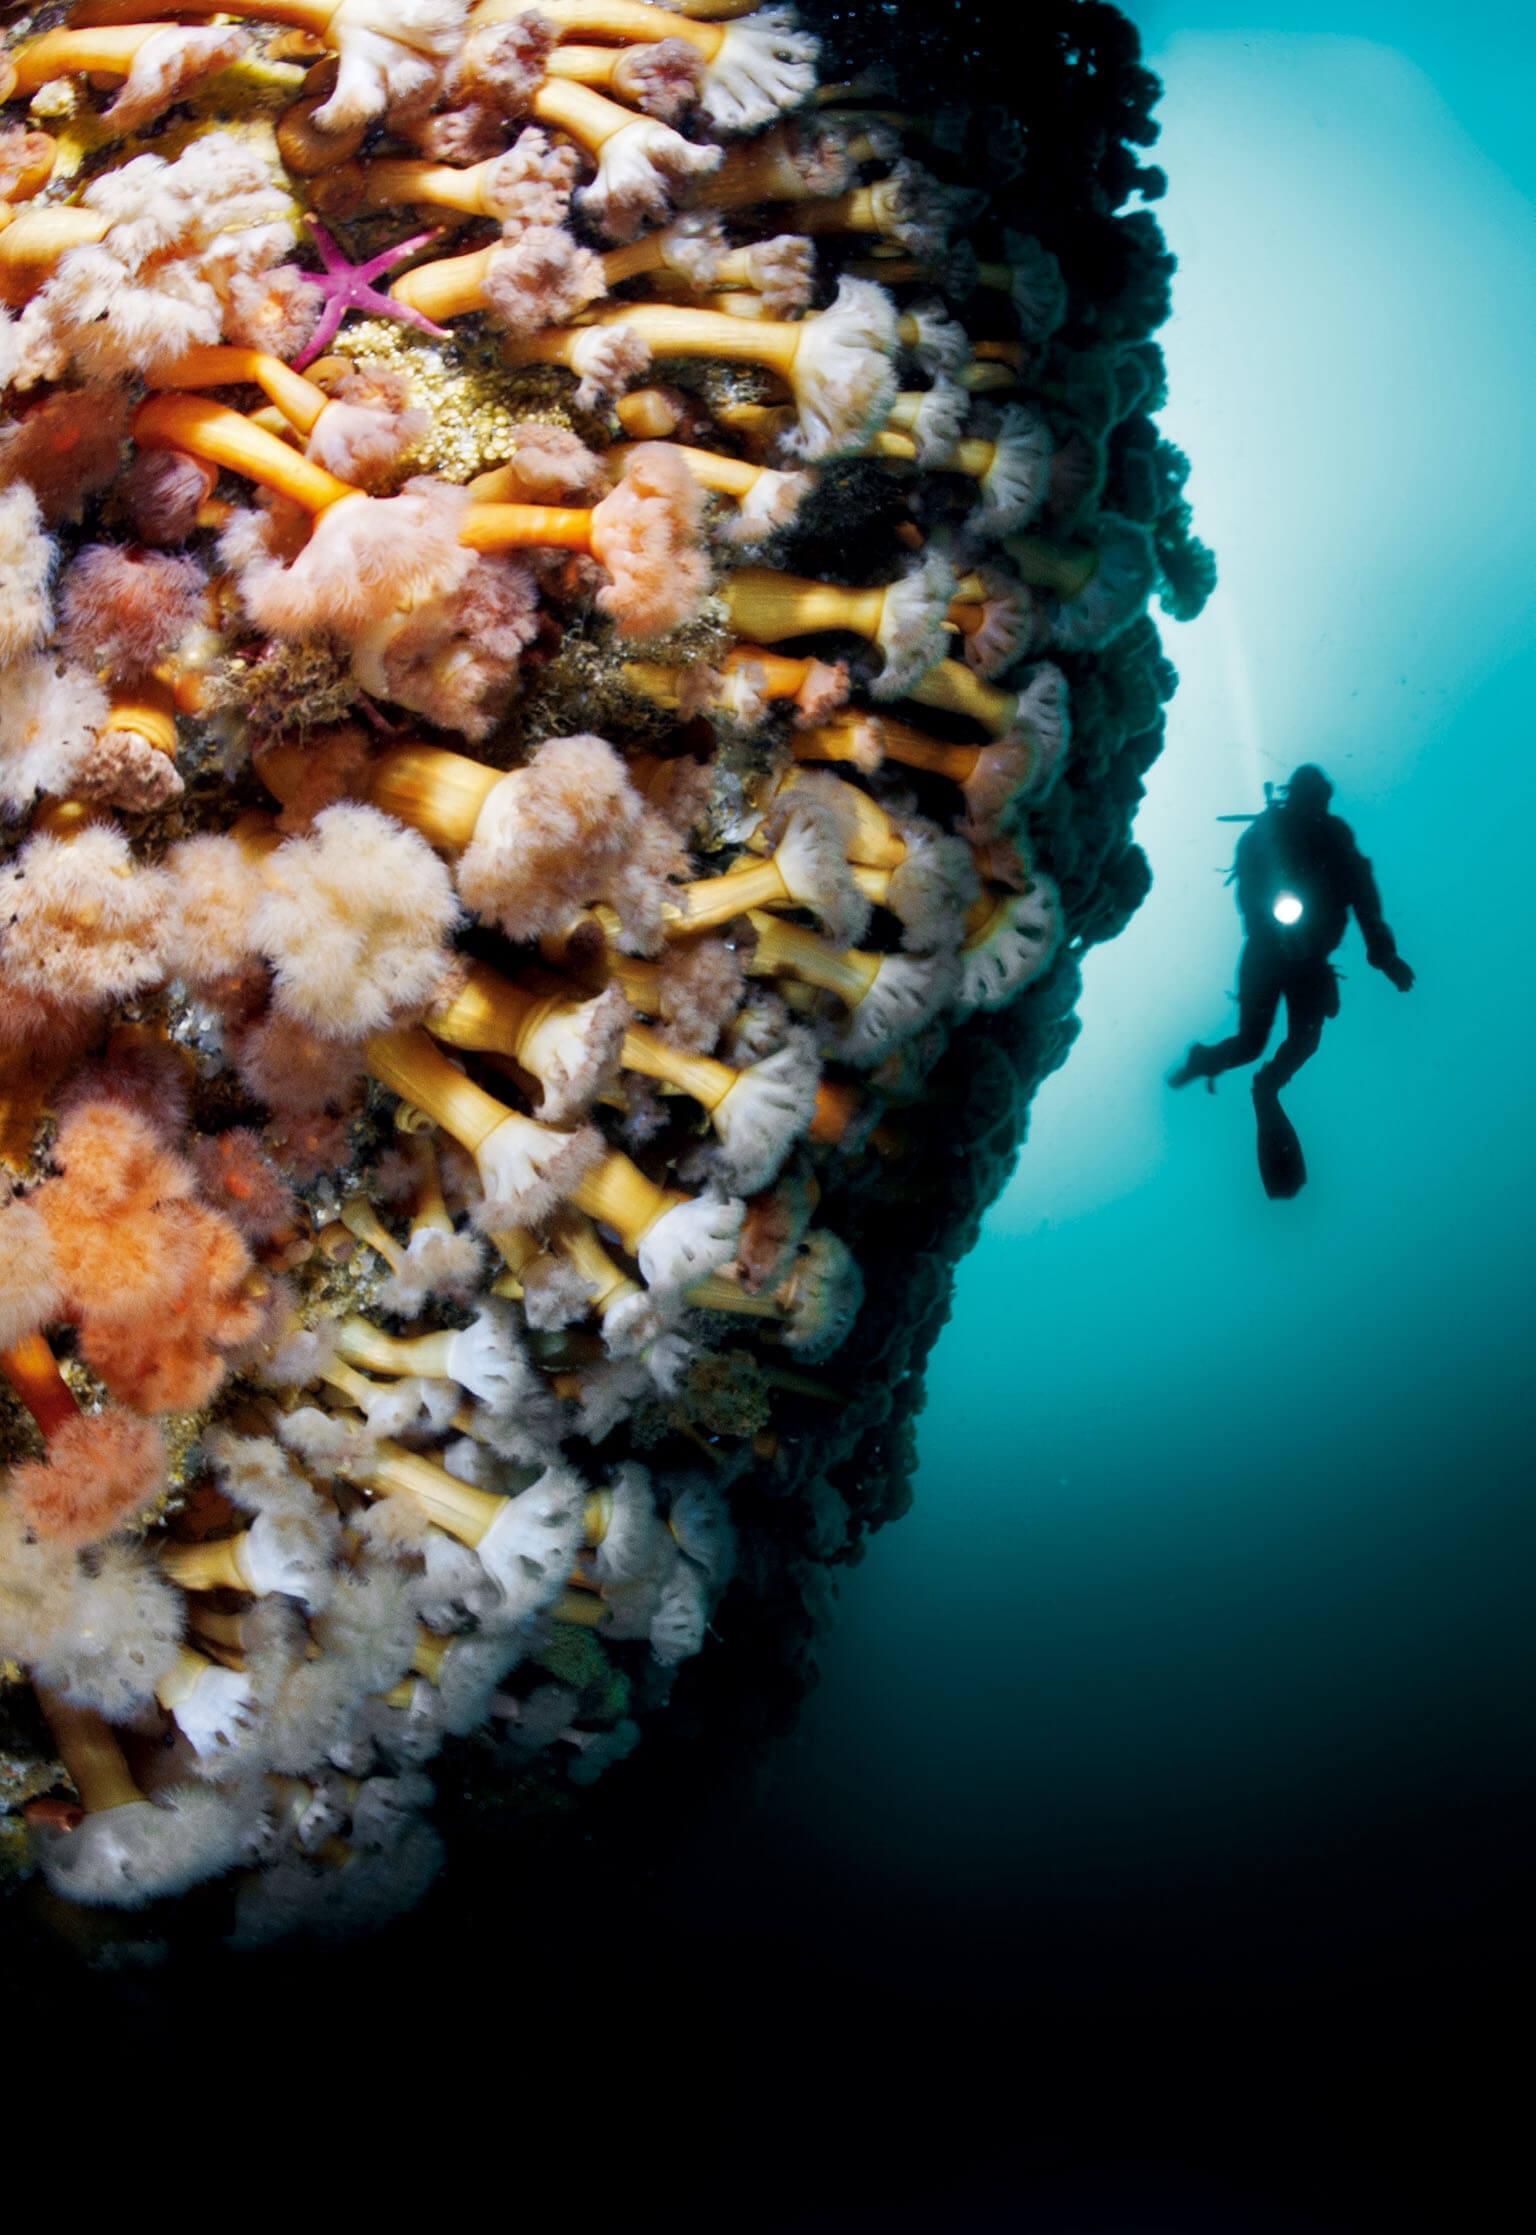 攝影師兼探險家大衛.都必烈自1994年起擔任勞力士的品牌代言人,並為《國家地理》拍攝了將近70篇報導。都必烈在紐芬蘭格羅摩恩國家公園的朋恩灣拍下這面布滿了海葵的峽灣峭壁。 PHOTO: DAVID DOUBILET, NATIONAL GEOGRAPHIC CREATIVE